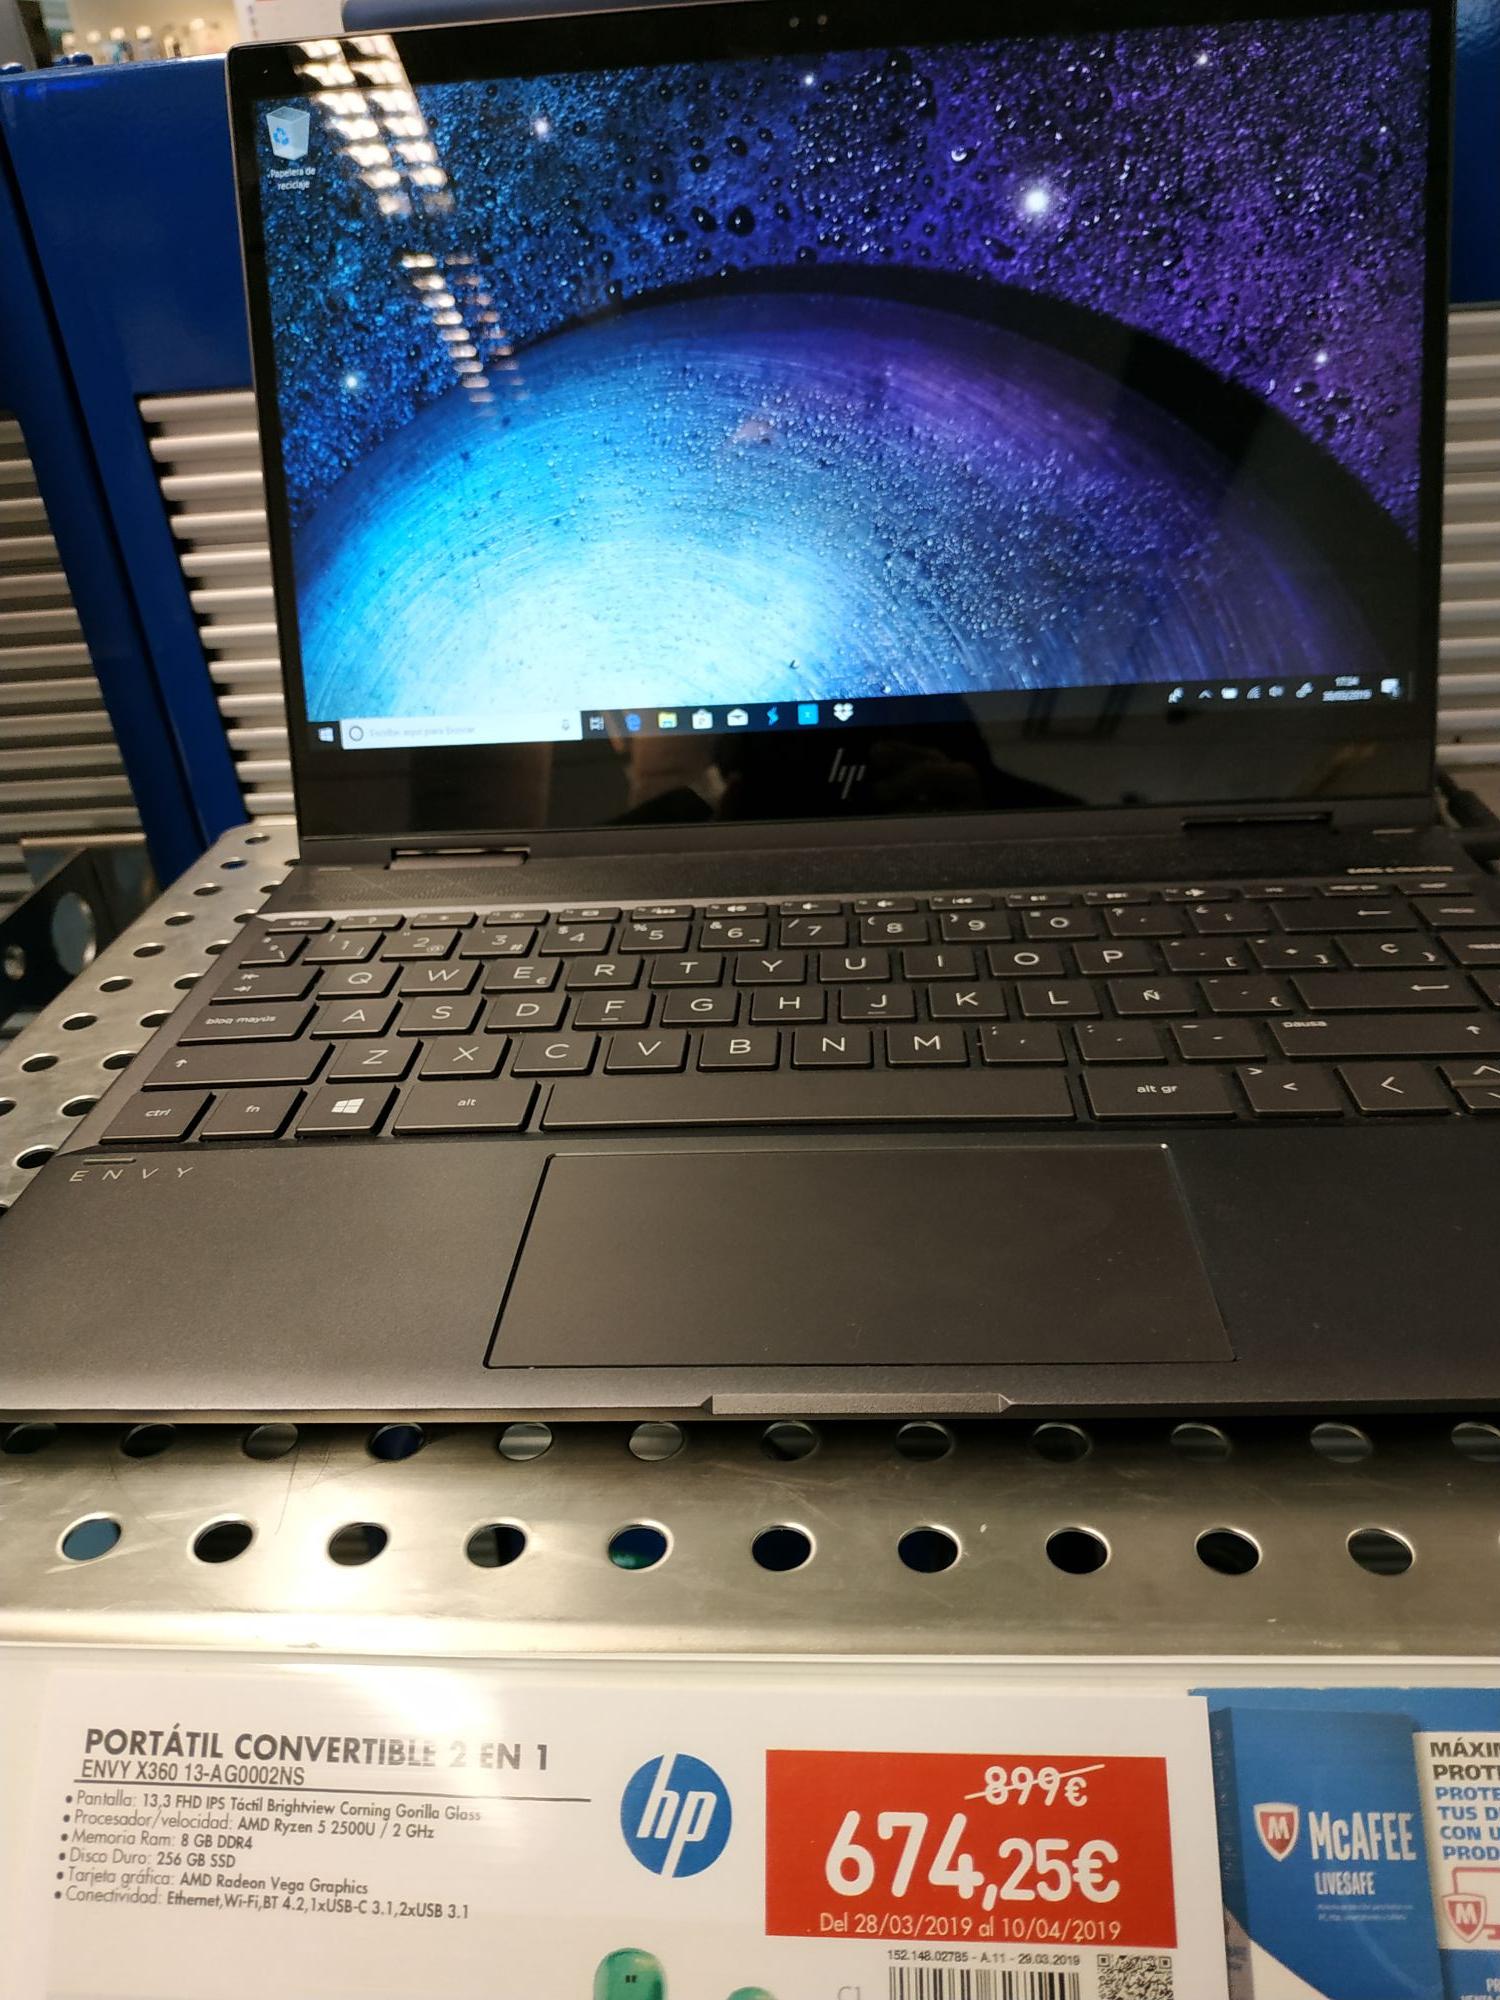 Convertible HP Envy x360 13-ag0002ns, AMD Ryzen 5, 8 GB, 256 GB SSD, AMD Radeon Vega 8 + regalo impresora wifi modelo HP officejet 3831